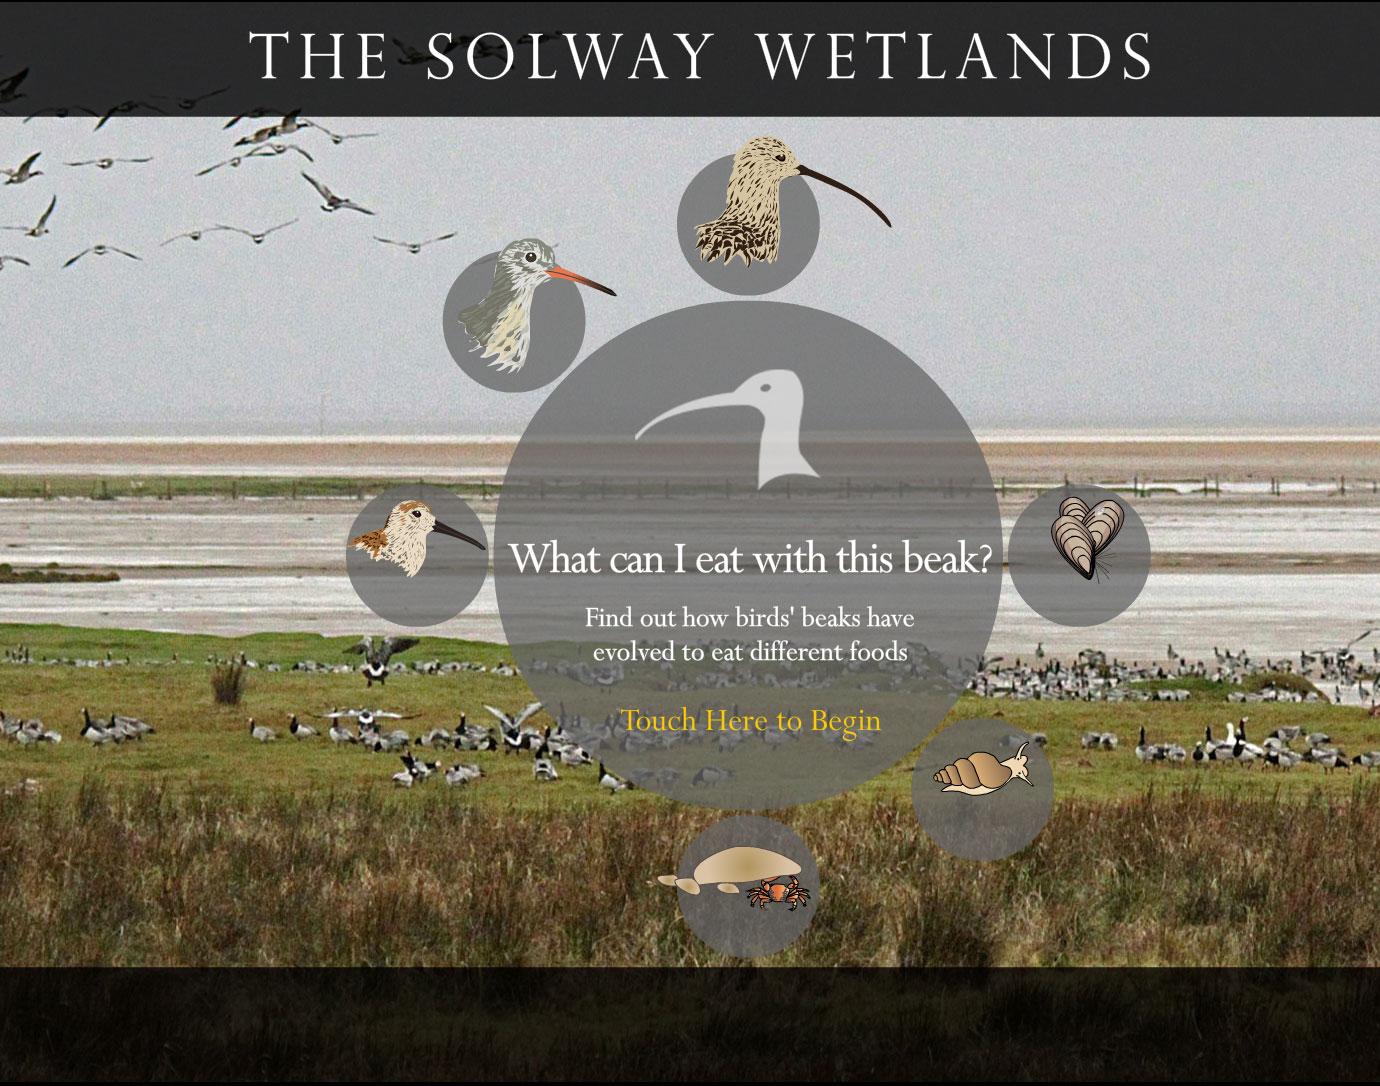 solway wetlands touchscreen interactive